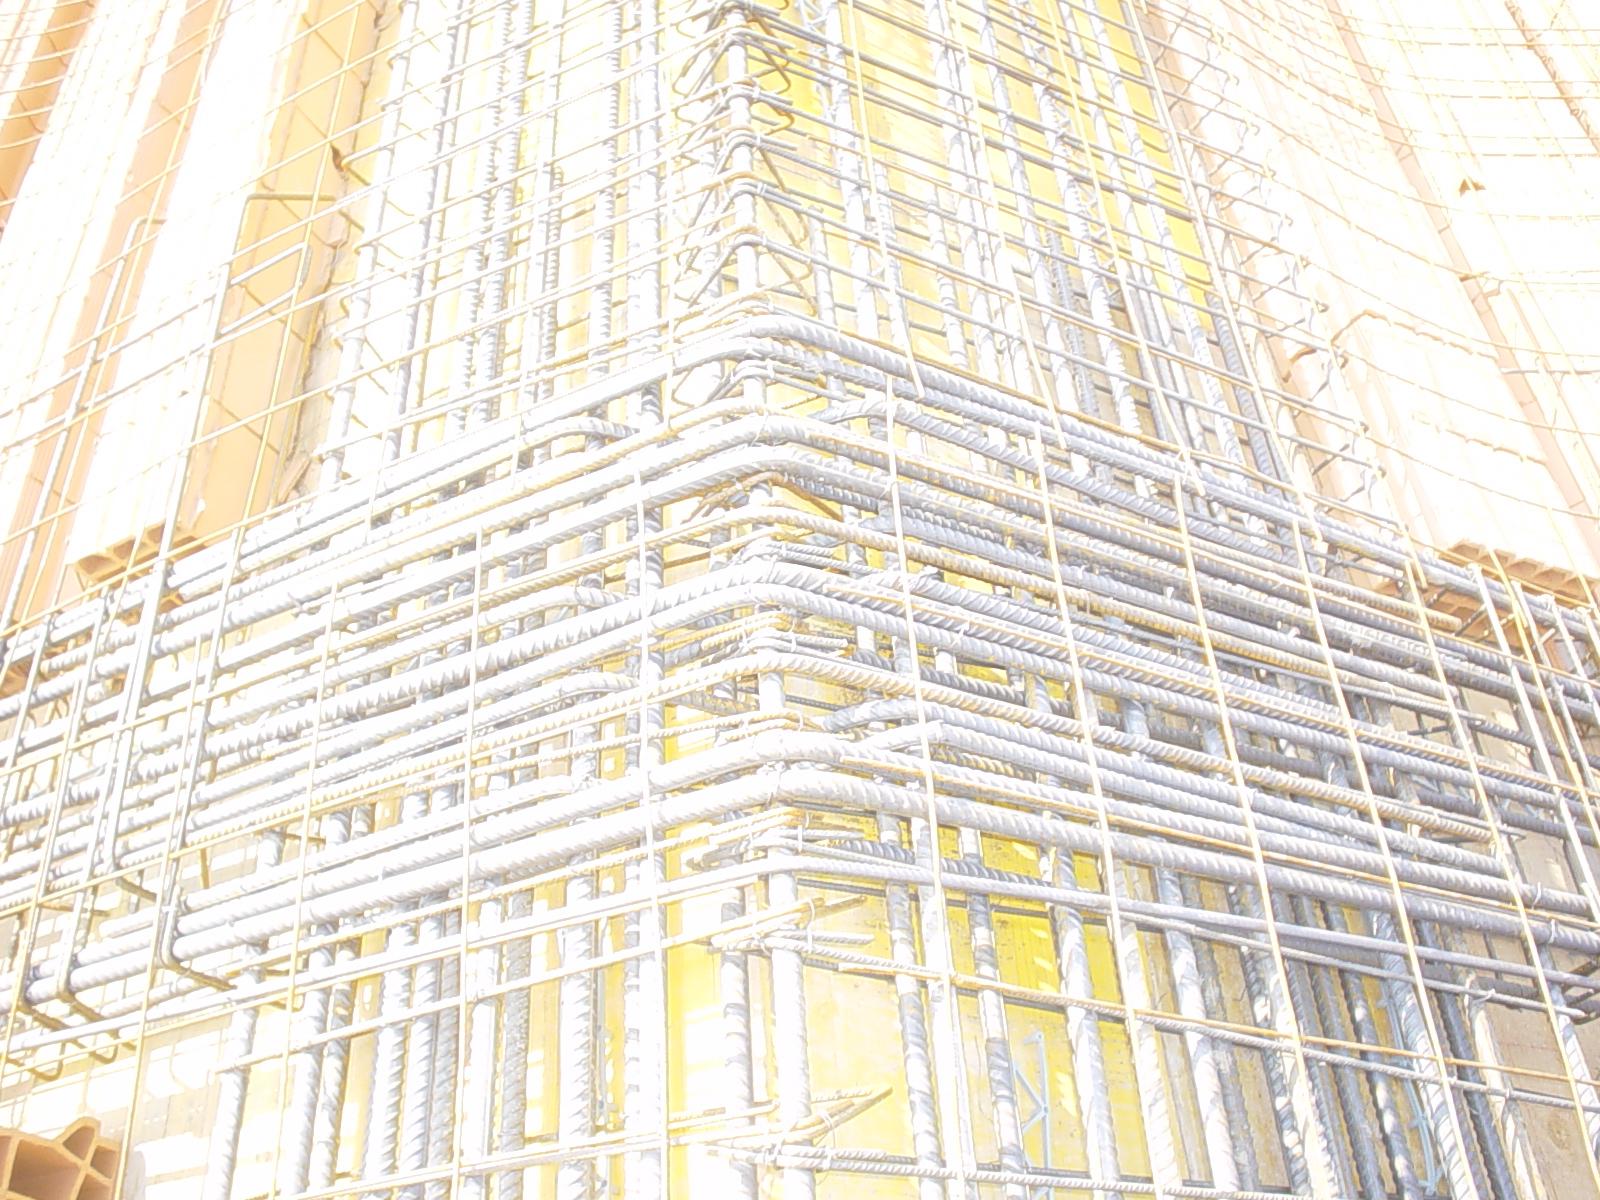 13D - trave perpendicolare al colmo di una copertura inclinata